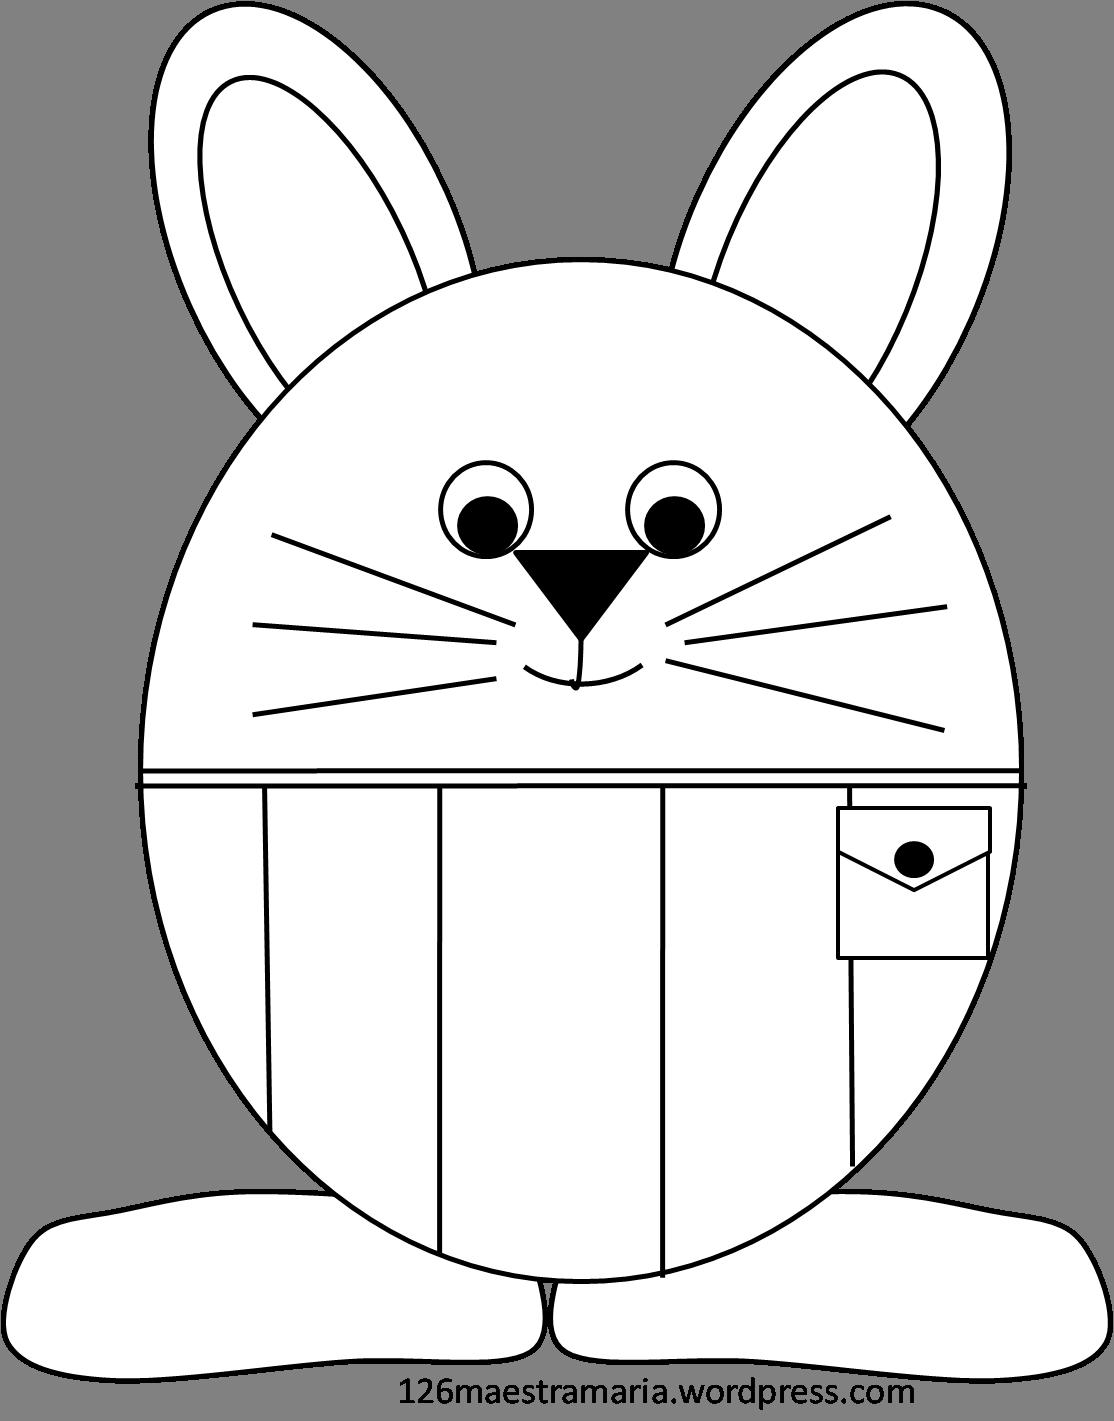 Pregrafismo maestramaria for Coniglio disegno per bambini